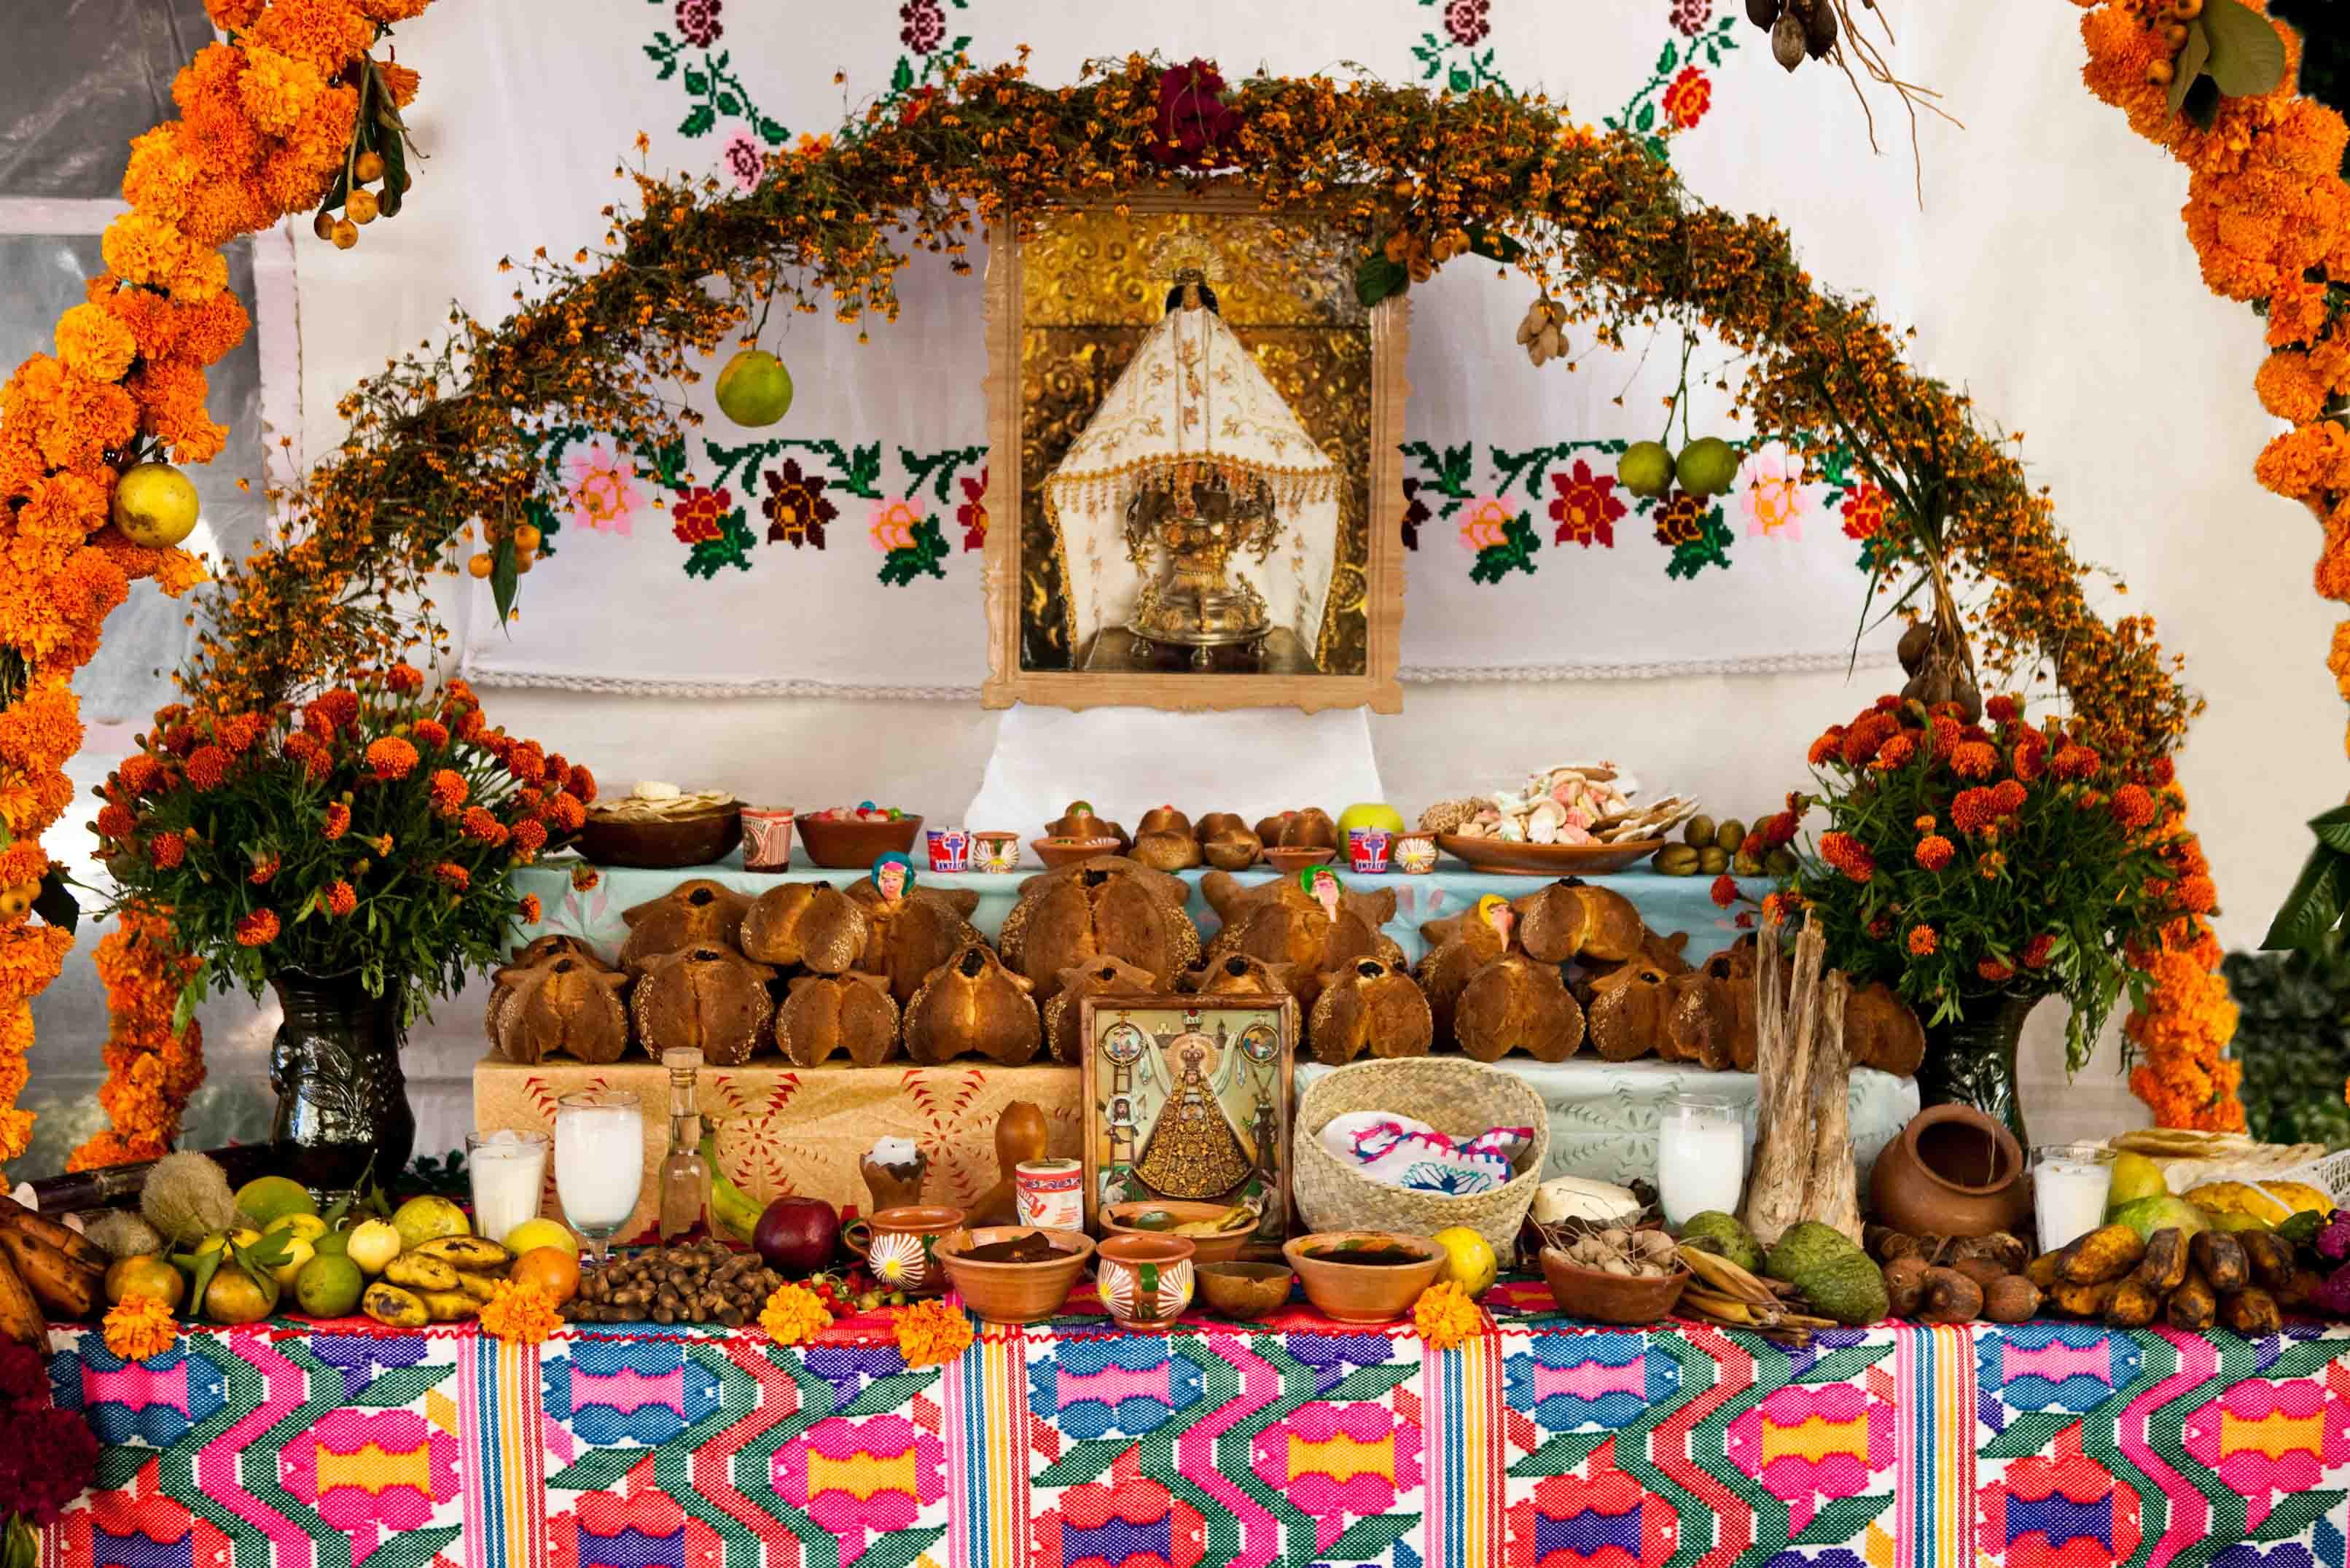 Il Messico si prepara a celebrare il Día de los Muertos